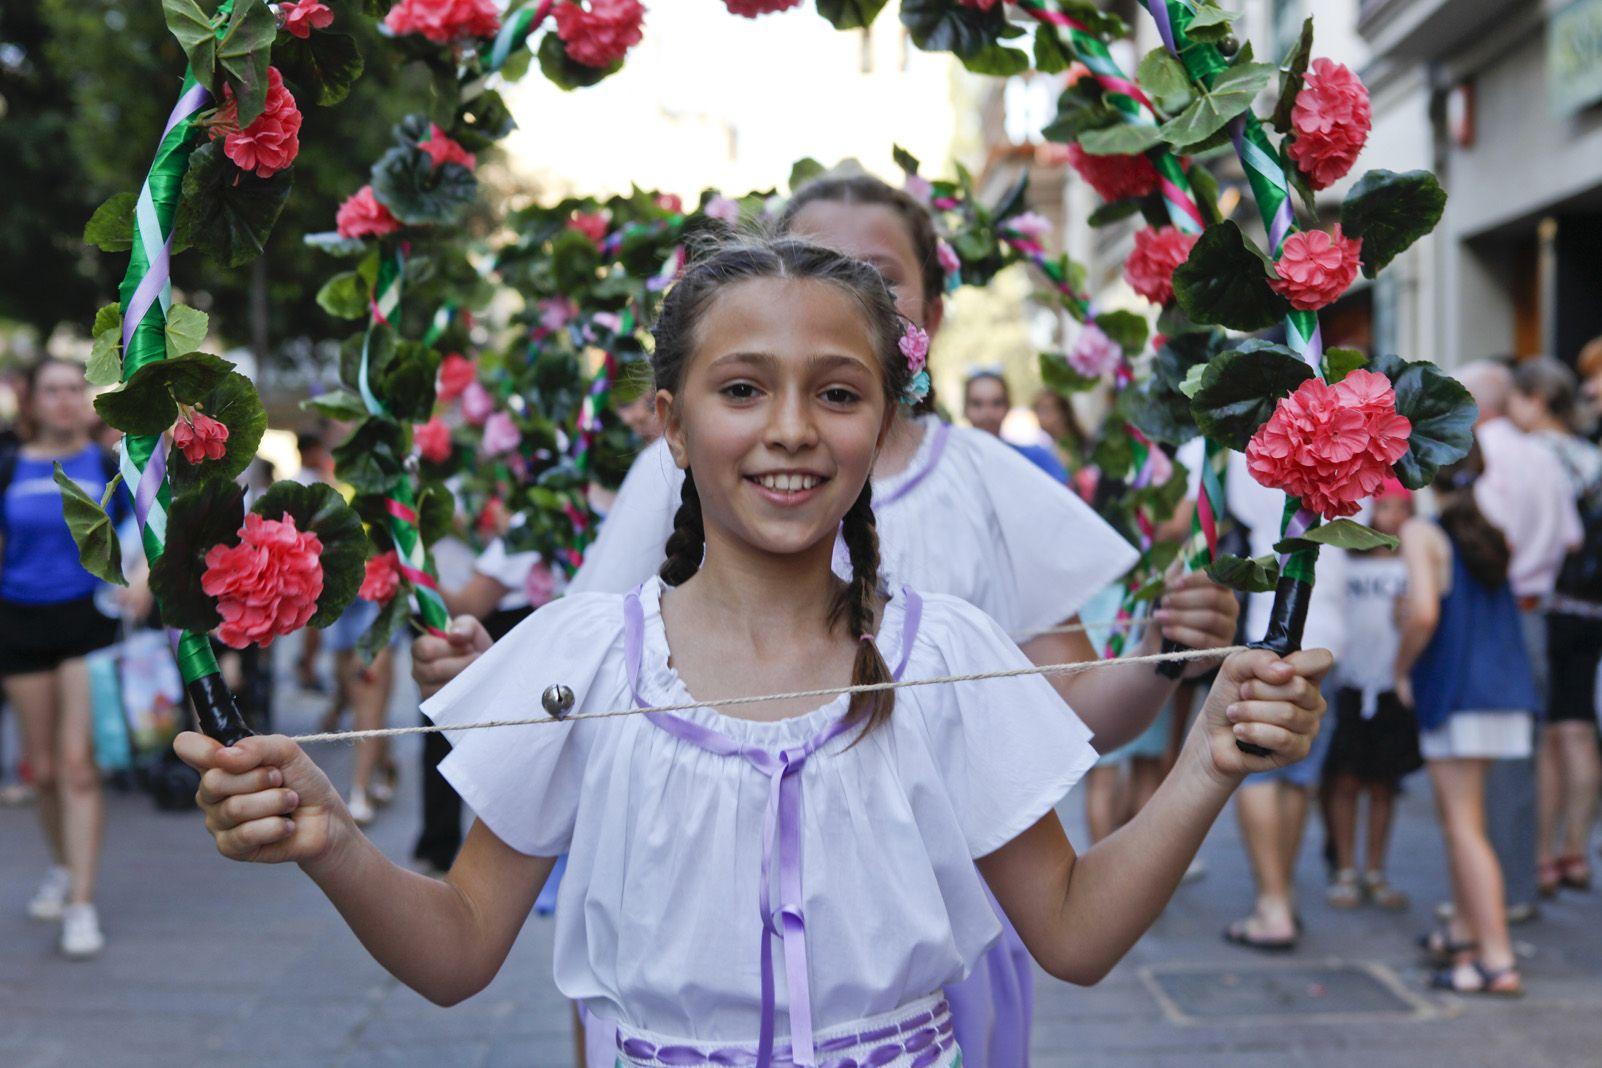 Seguici d'inici i pregó de Festa Major 2019. Foto: Bernat Millet.